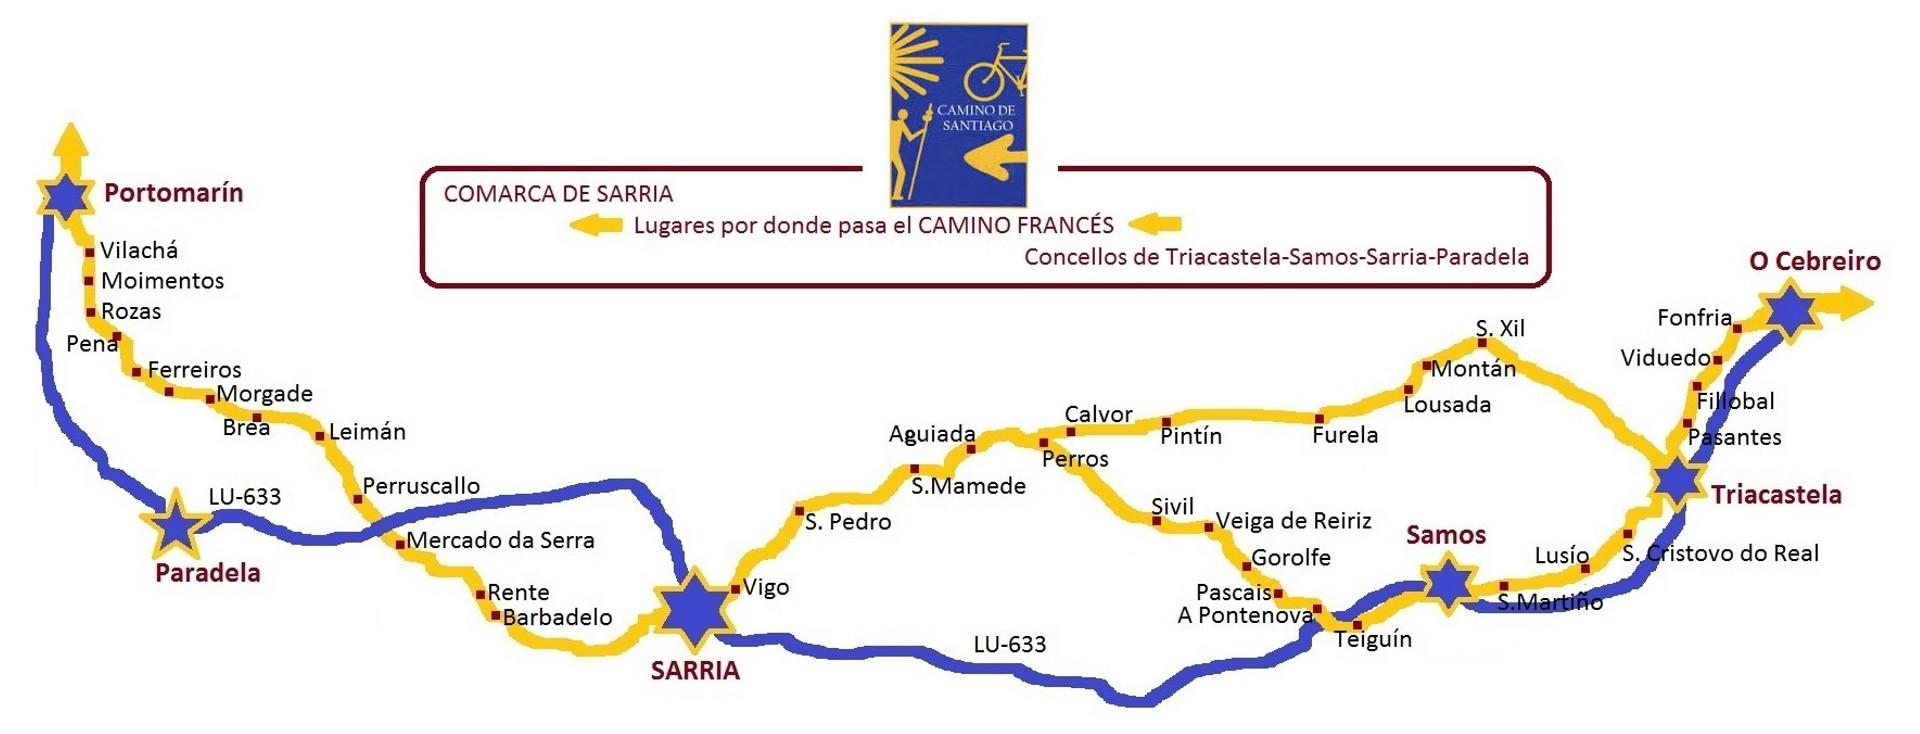 mapa-camino-sarria